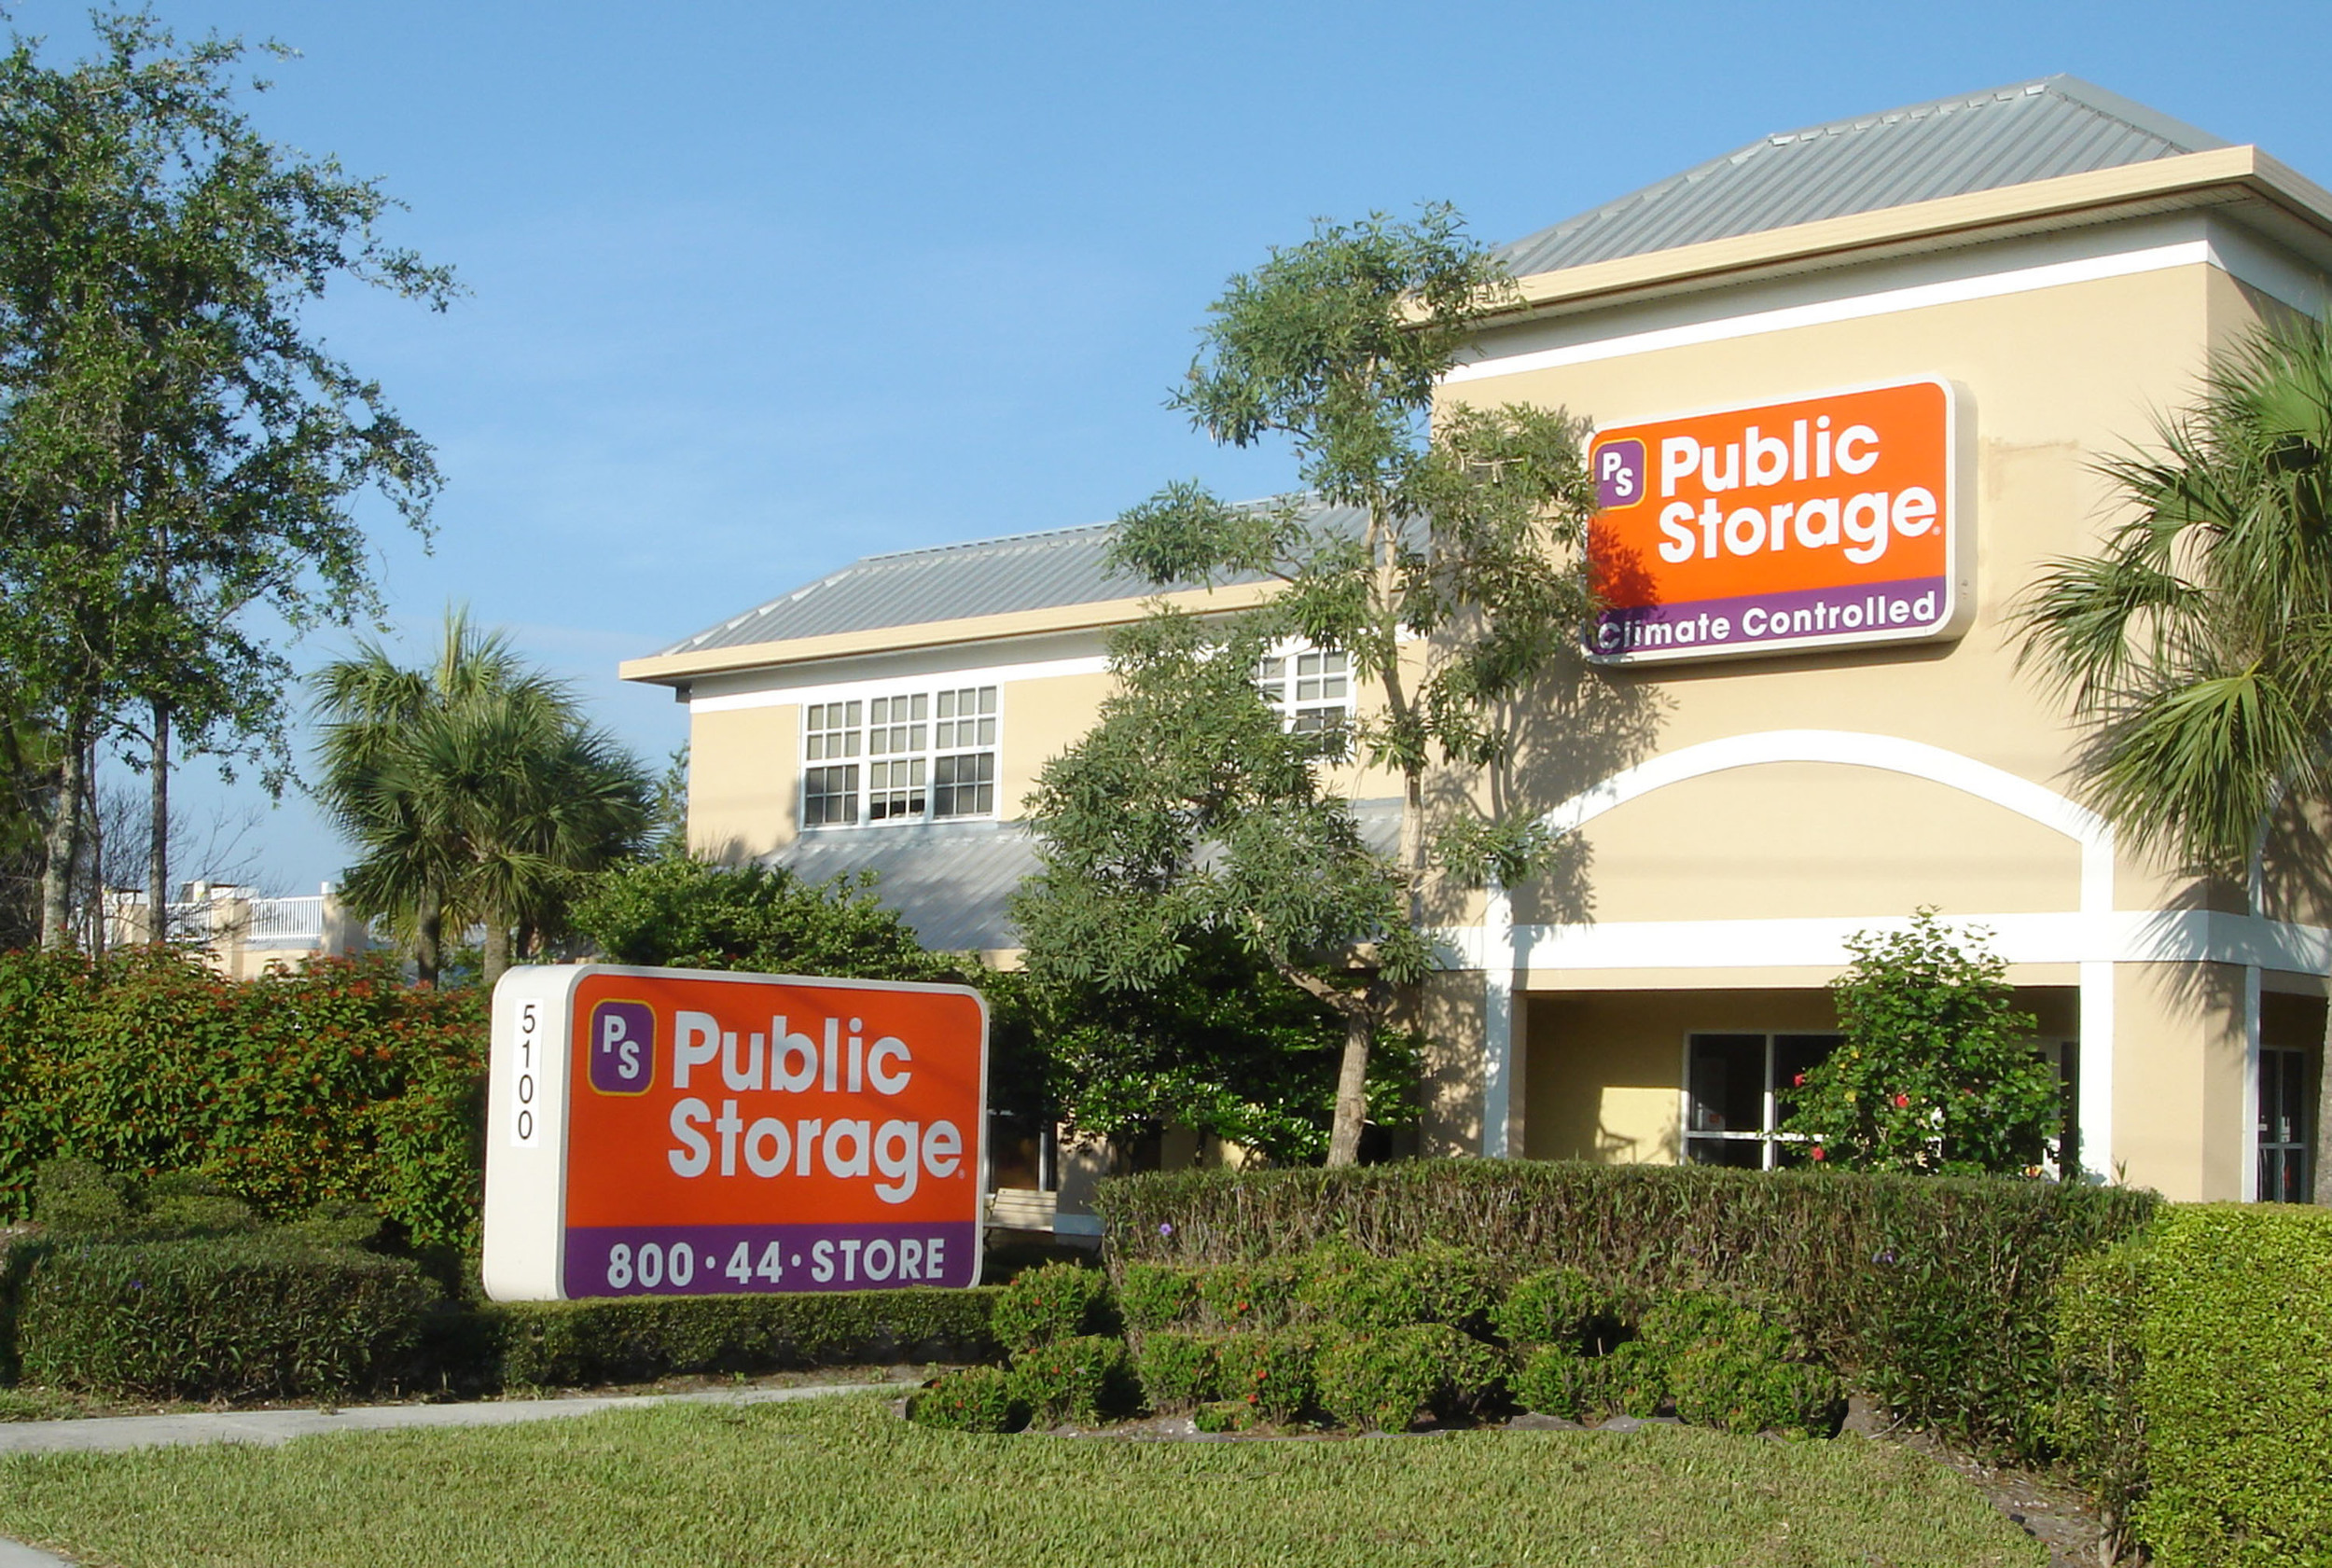 Public Storage, Abacoa